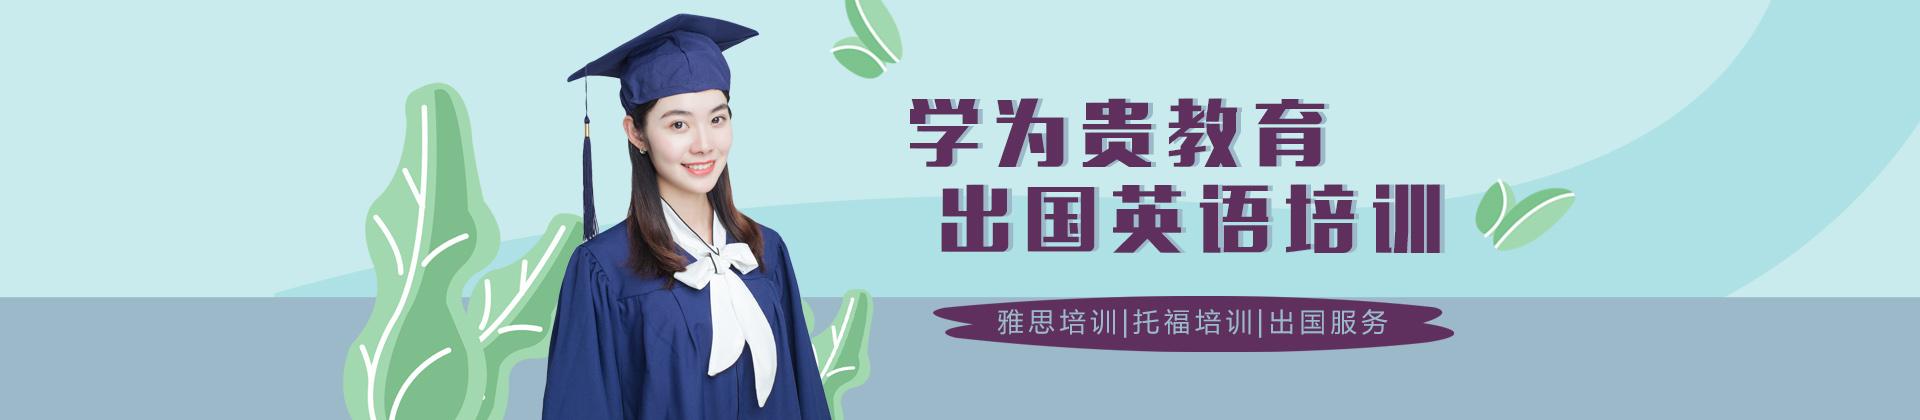 天津學為貴教育